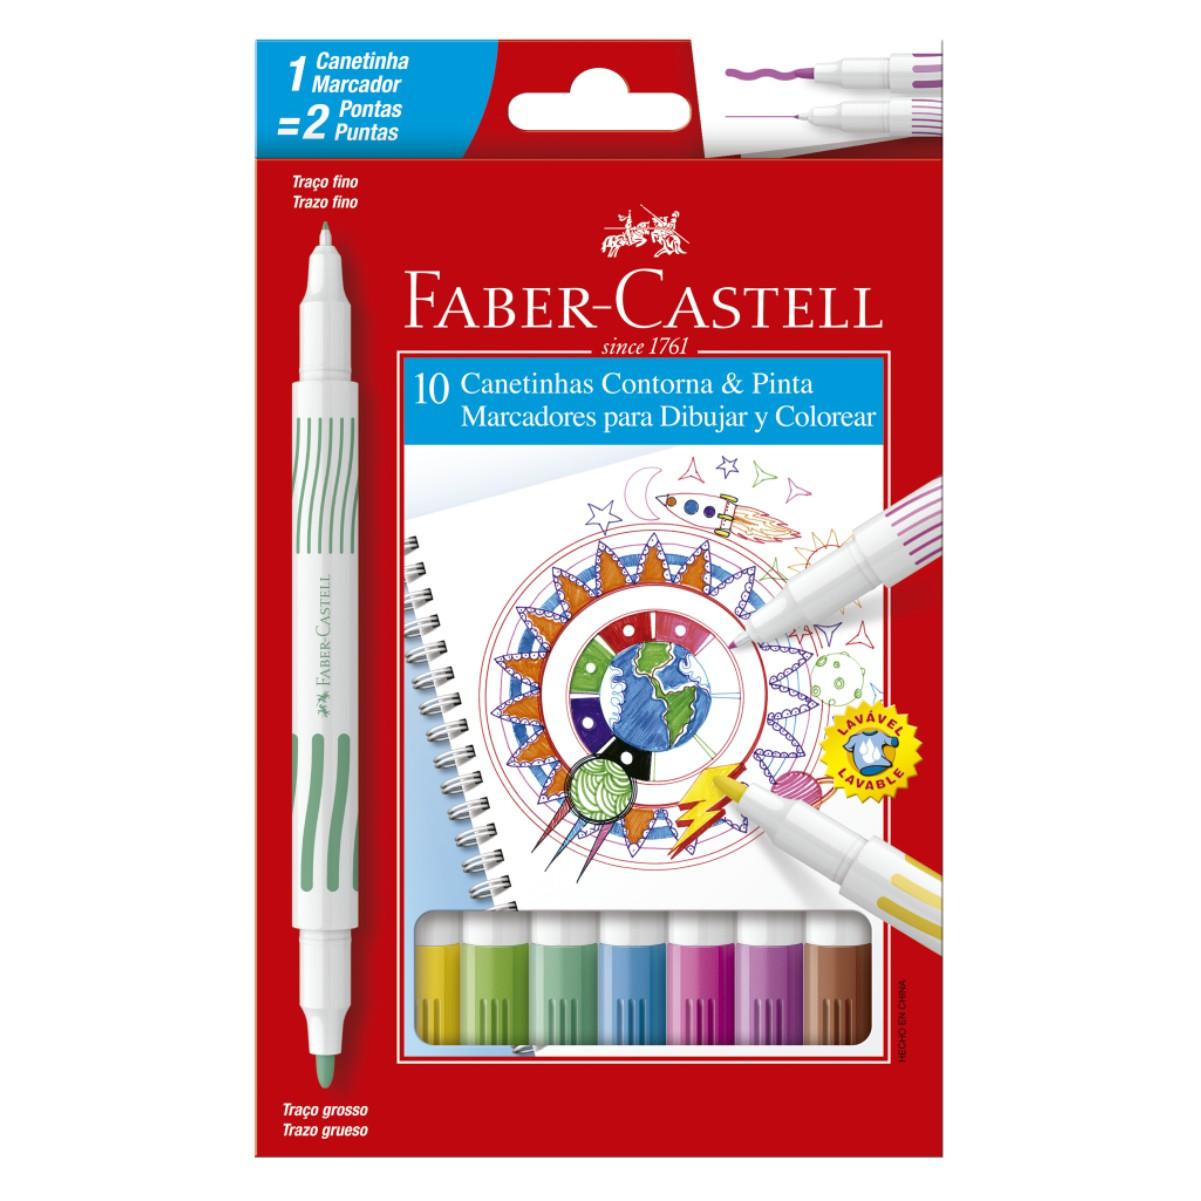 Canetinha Hidrográfica Faber Castell Contorna e Pinta Com 10 Cores